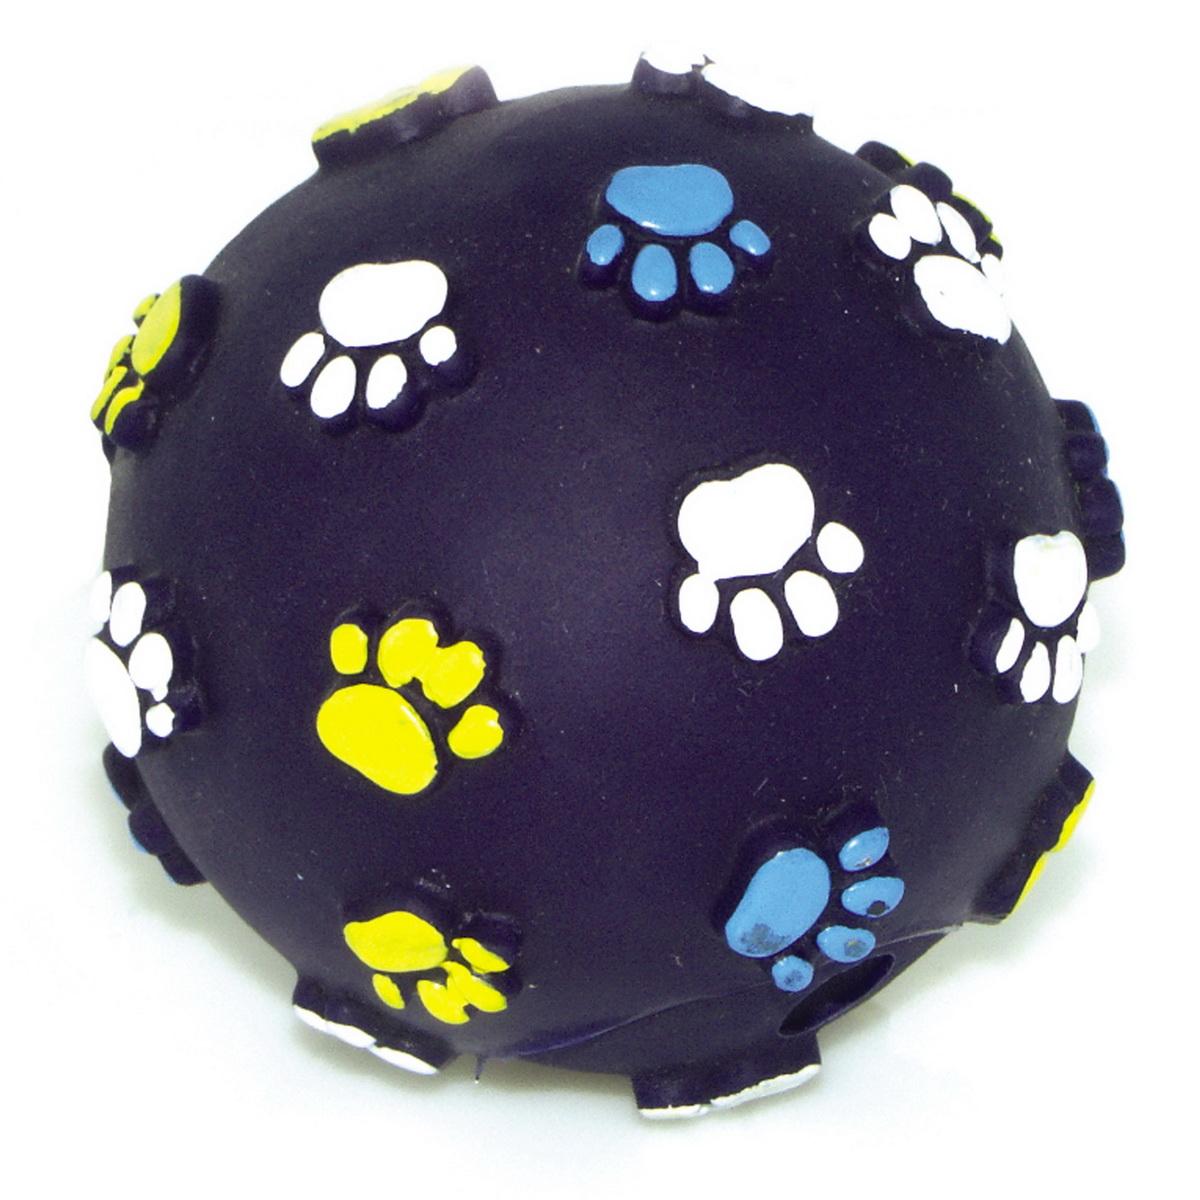 Игрушка для собак Dezzie Мяч. Лапы, цвет: темно-синий, диаметр 6,2 смGLG039Игрушка для собак Dezzie Мяч. Лапы изготовлена из винила в виде мяча с изображением лап. Такая игрушка практична, функциональна и совершенно безопасна для здоровья животного. Ее легко мыть и дезинфицировать. Игрушка очень легкая, поэтому собаке совсем нетрудно брать ее в пасть и переносить с места на место. Игрушка для собак Dezzie Мяч. Лапы станет прекрасным подарком для неугомонного четвероногого питомца.Диаметр мяча: 6,2 см.